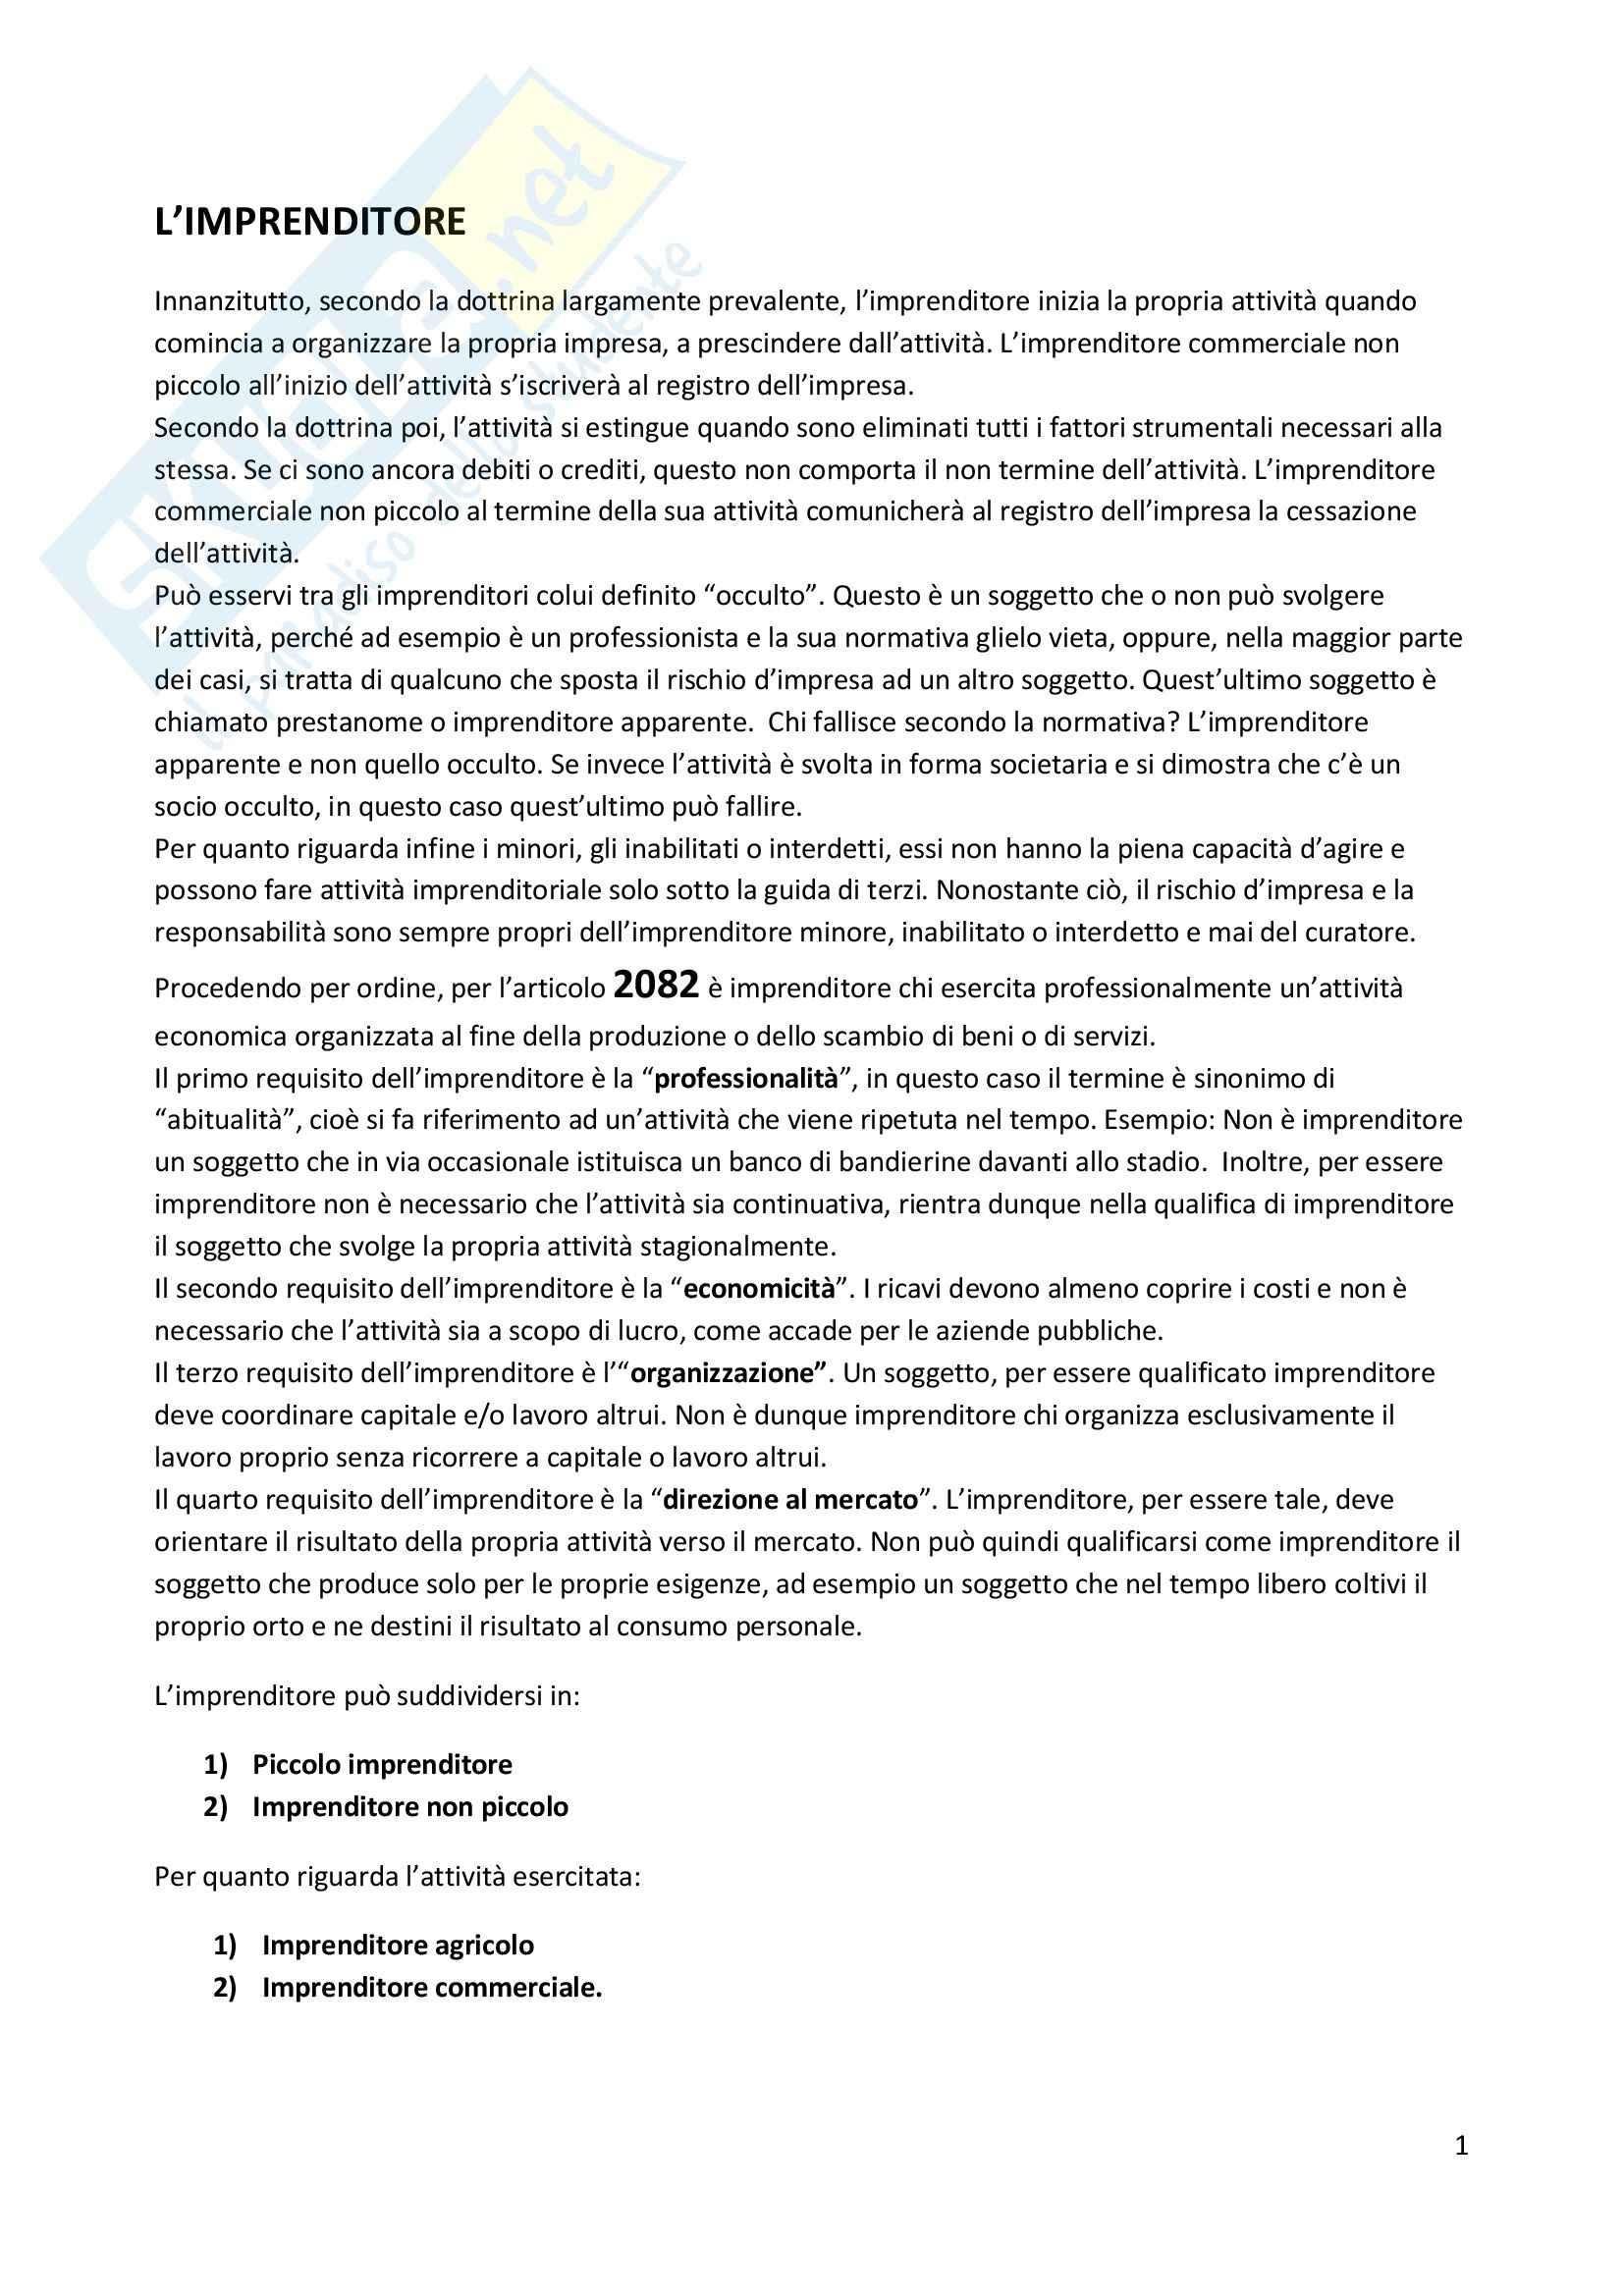 Appunti per esame di Diritto Commerciale